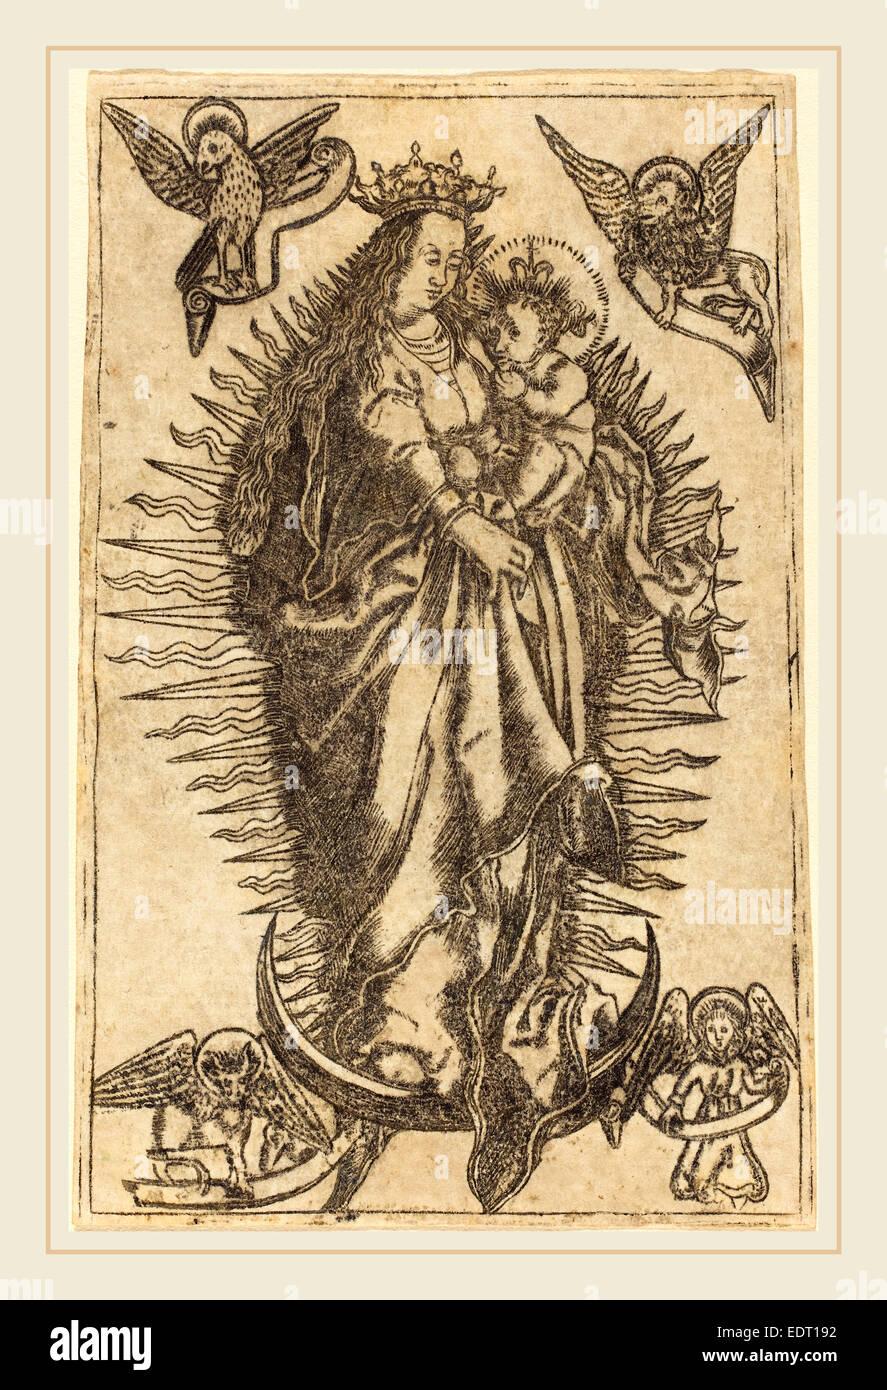 Deutsch aus dem 16. Jahrhundert, Madonna mit Kind, Gravur Stockbild